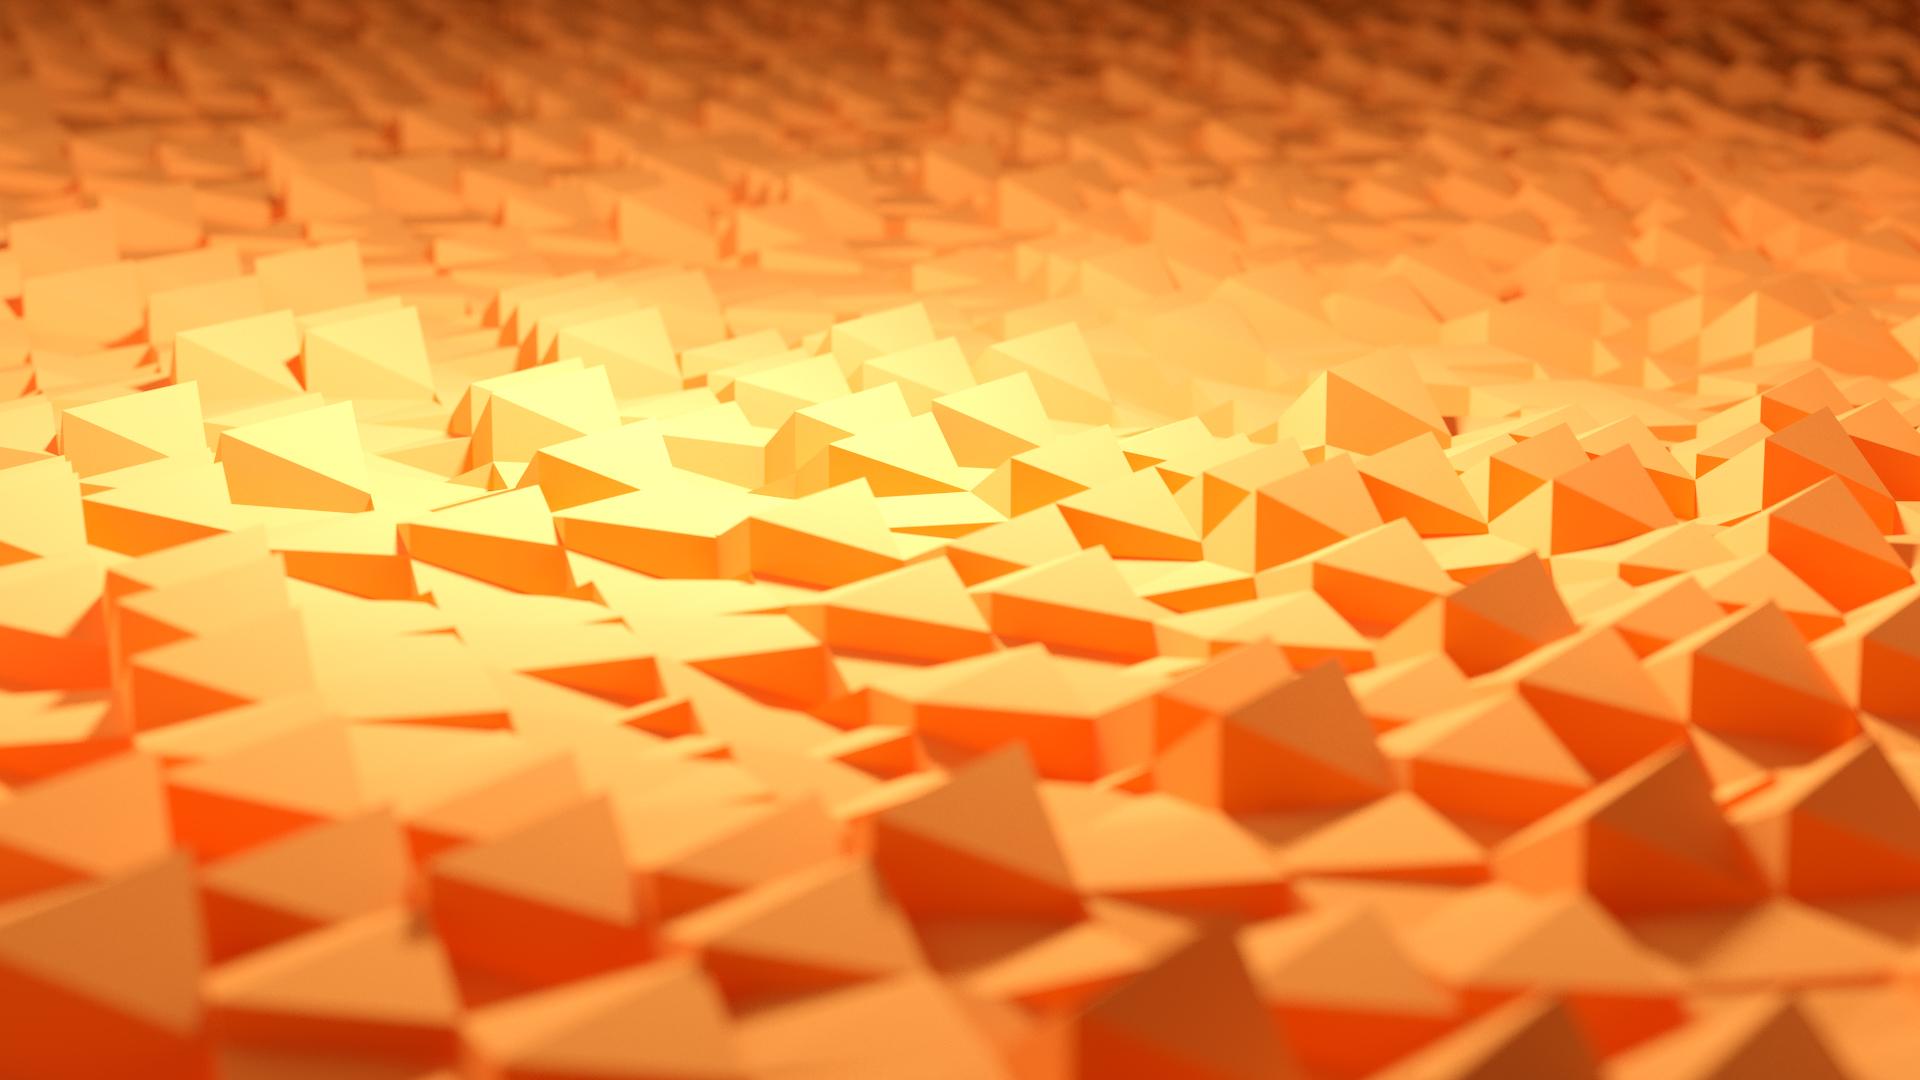 Orange Geometric Wallpaper - WallpaperSafari